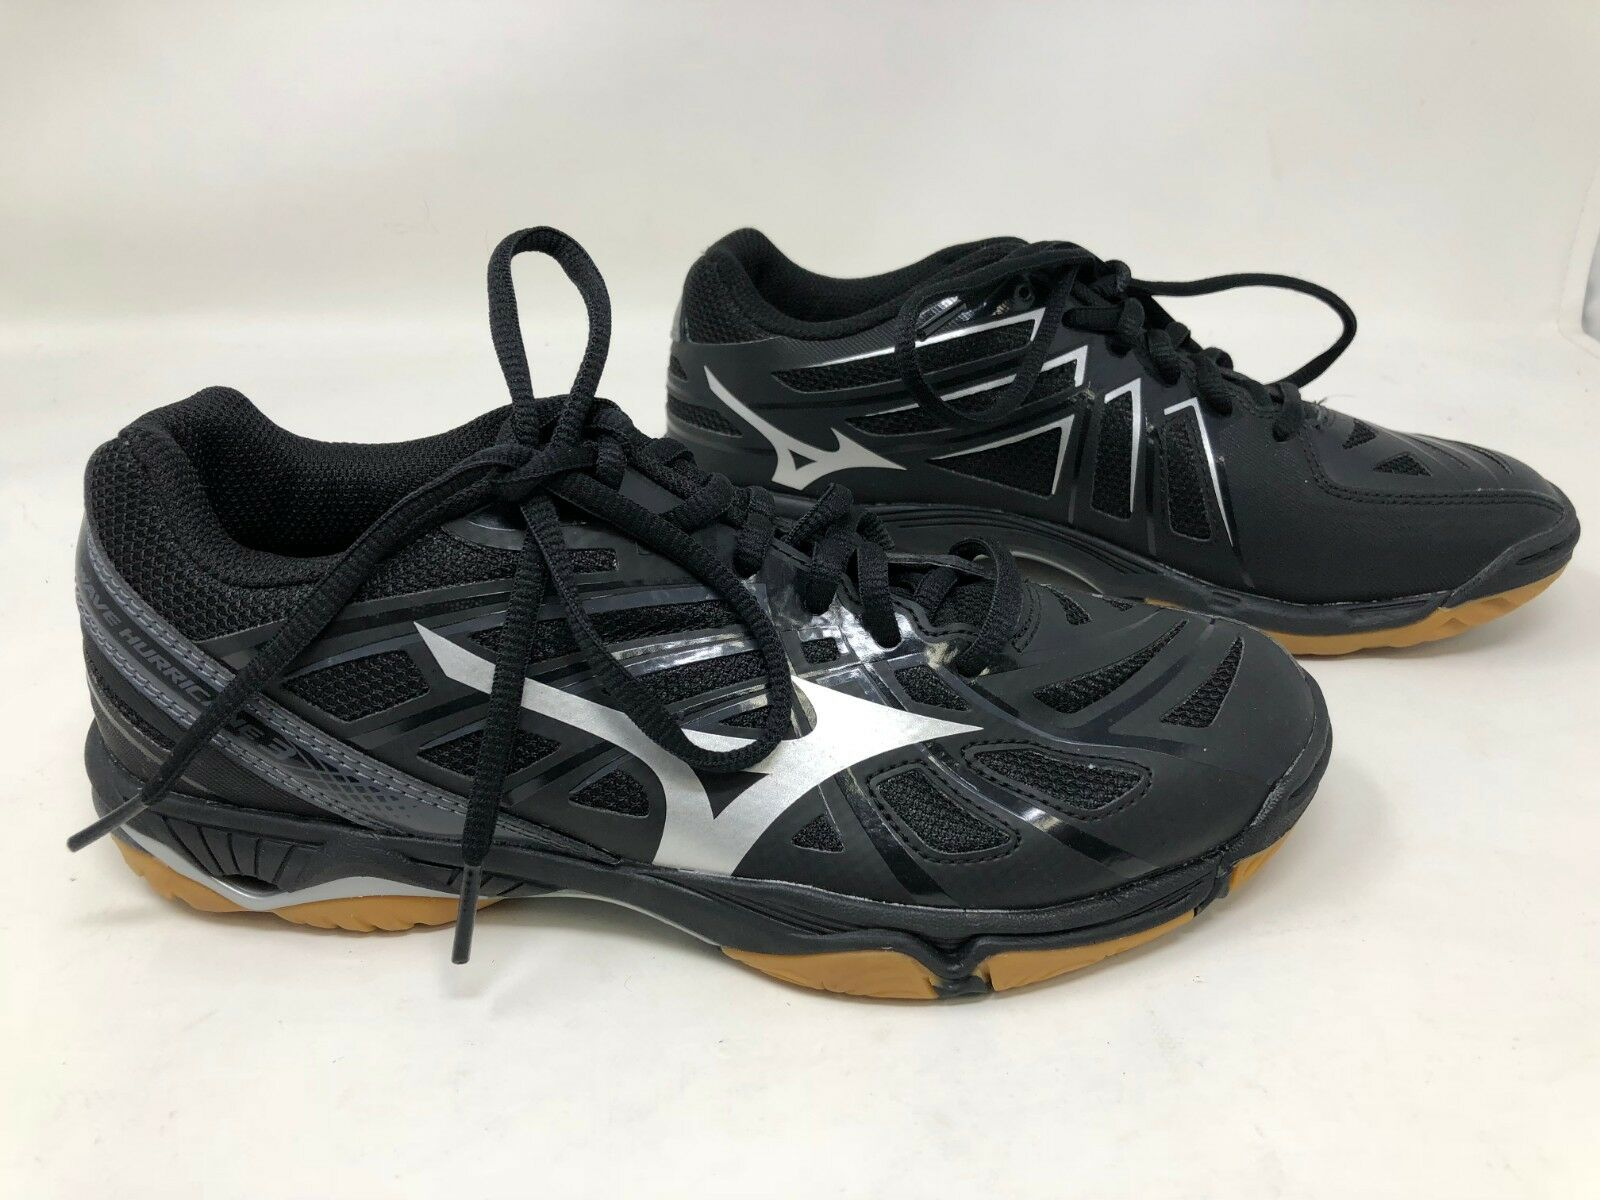 Nuevo    para mujer zapatos de Vóleibol Mizuno Wave Hurricane 3 Negro 430225-9073 9S  saludable